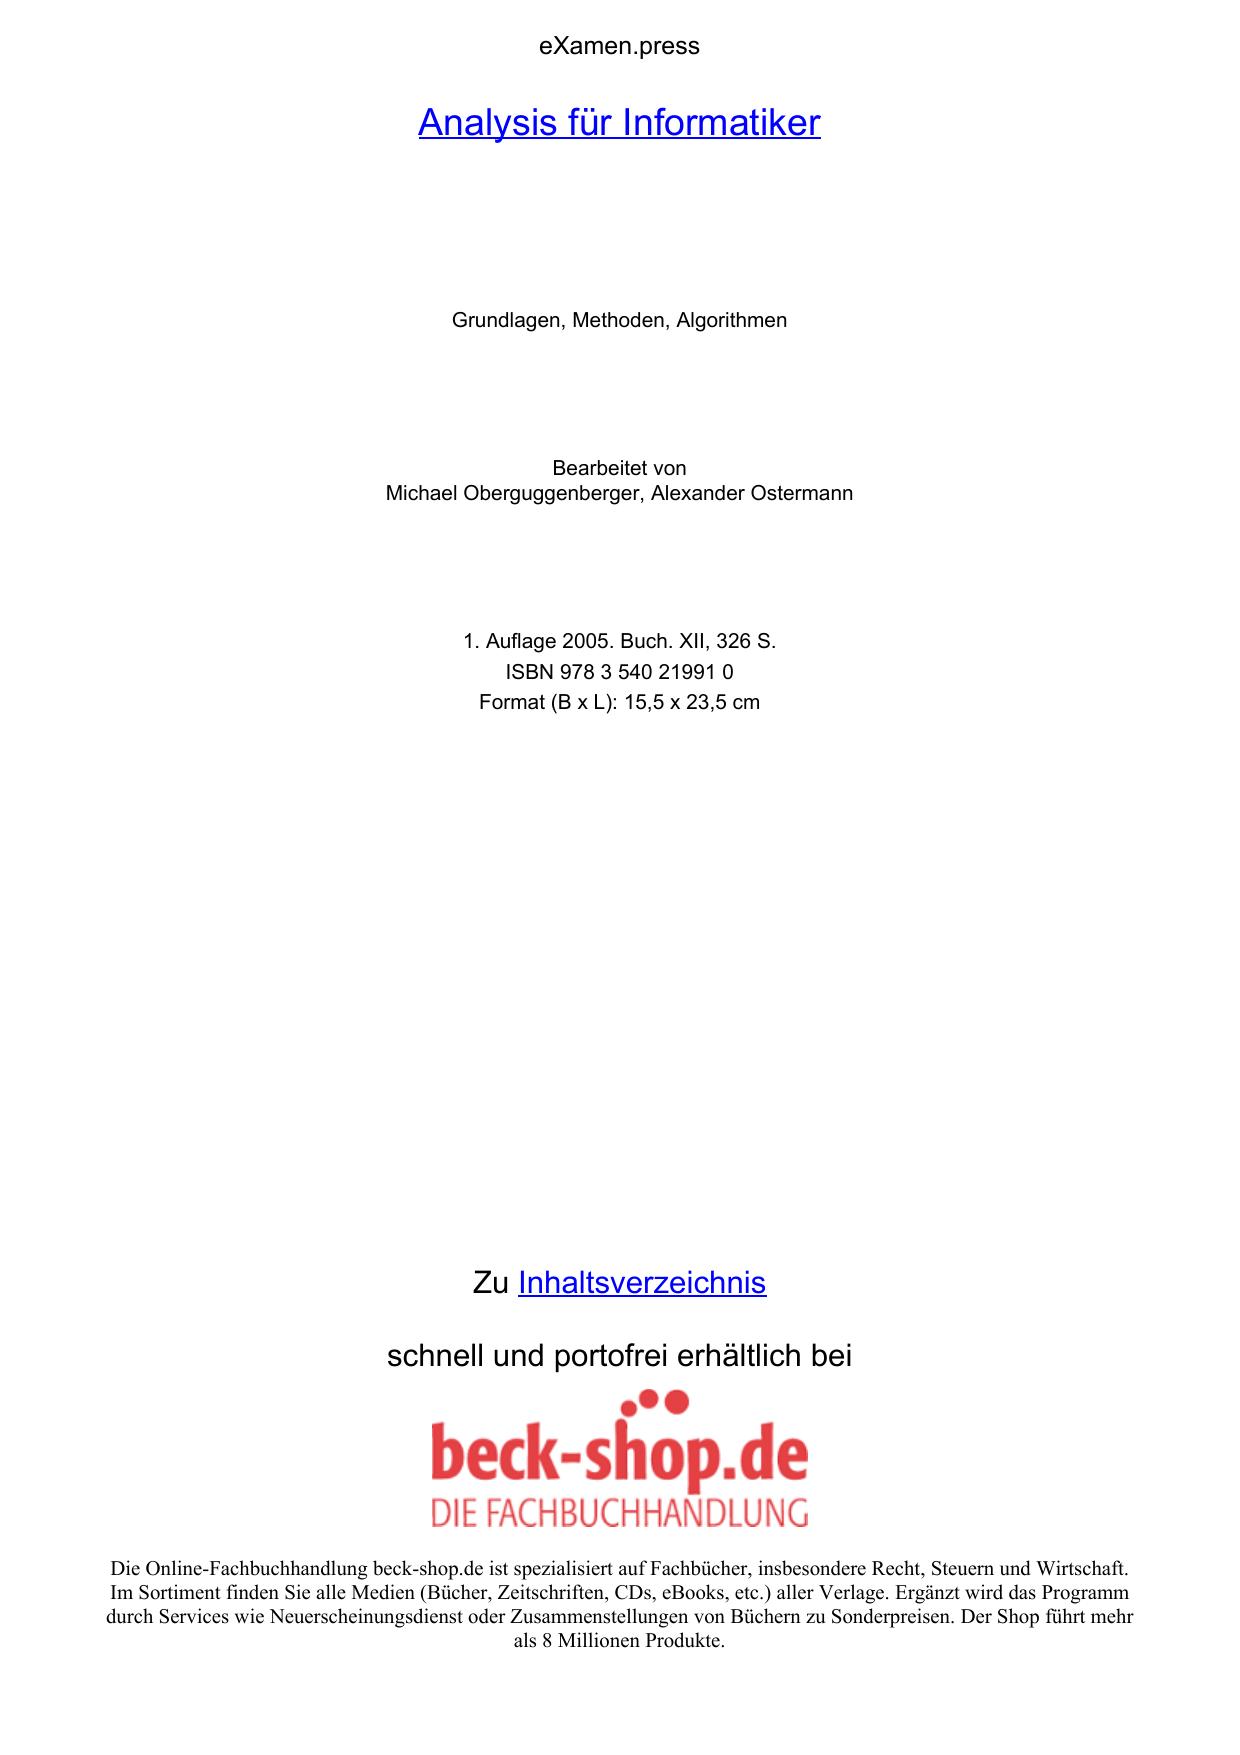 Analysis für Informatiker - ReadingSample - Beck-Shop